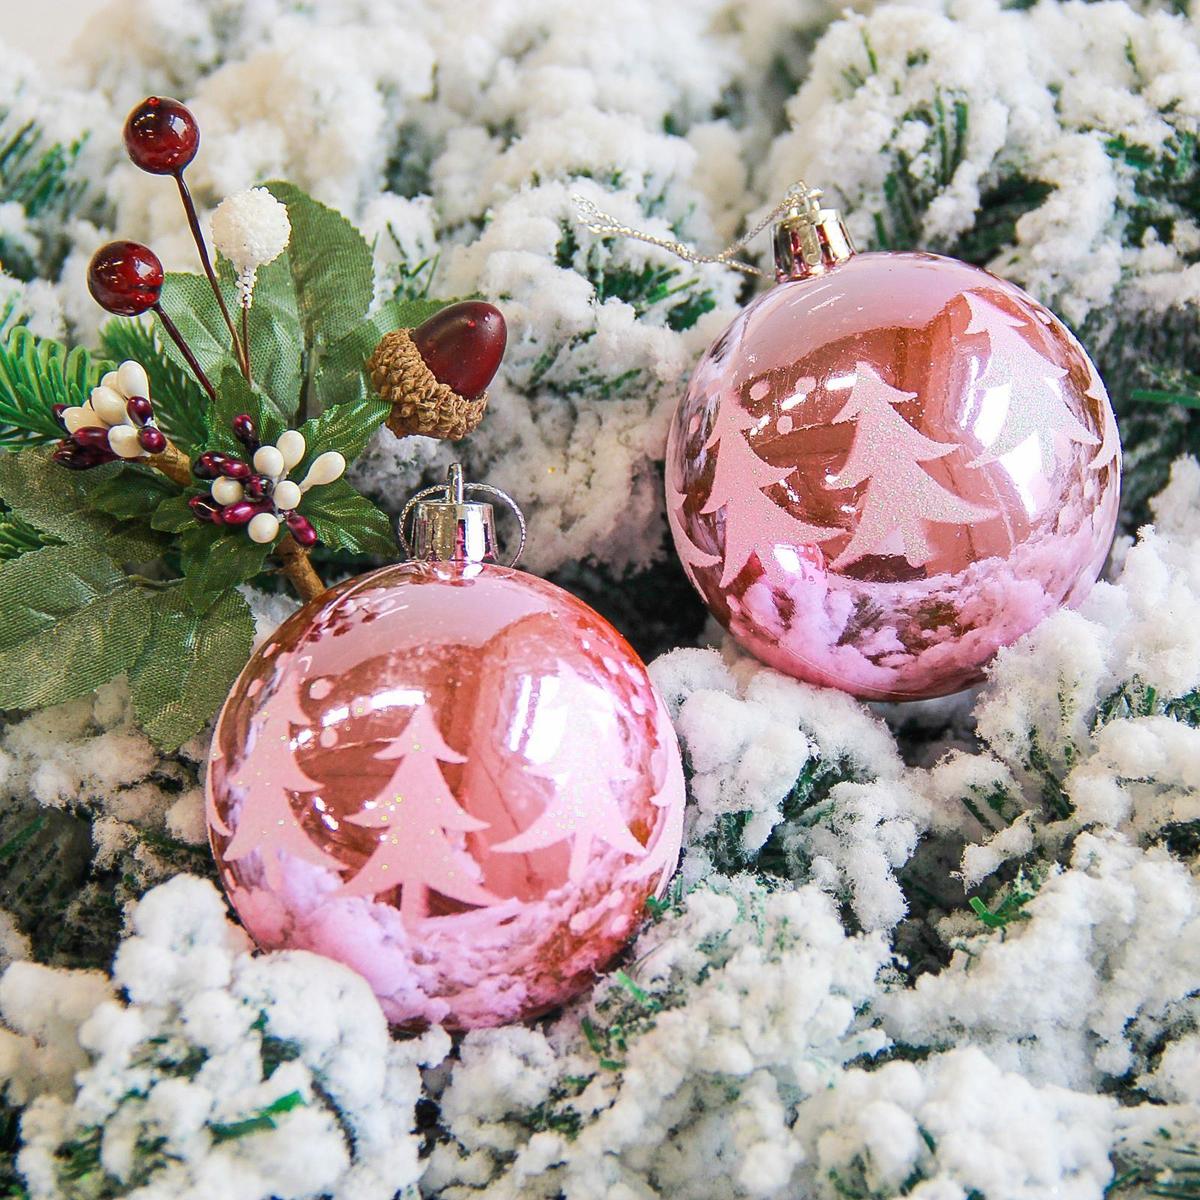 Набор новогодних подвесных украшений Sima-land Елочки, диаметр 7 см, 6 шт2178200Набор новогодних подвесных украшений Sima-land отлично подойдет для декорации вашего дома и новогодней ели. С помощью специальной петельки украшение можно повесить в любом понравившемся вам месте. Но, конечно, удачнее всего оно будет смотреться на праздничной елке. Елочная игрушка - символ Нового года. Она несет в себе волшебство и красоту праздника. Создайте в своем доме атмосферу веселья и радости, украшая новогоднюю елку нарядными игрушками, которые будут из года в год накапливать теплоту воспоминаний.